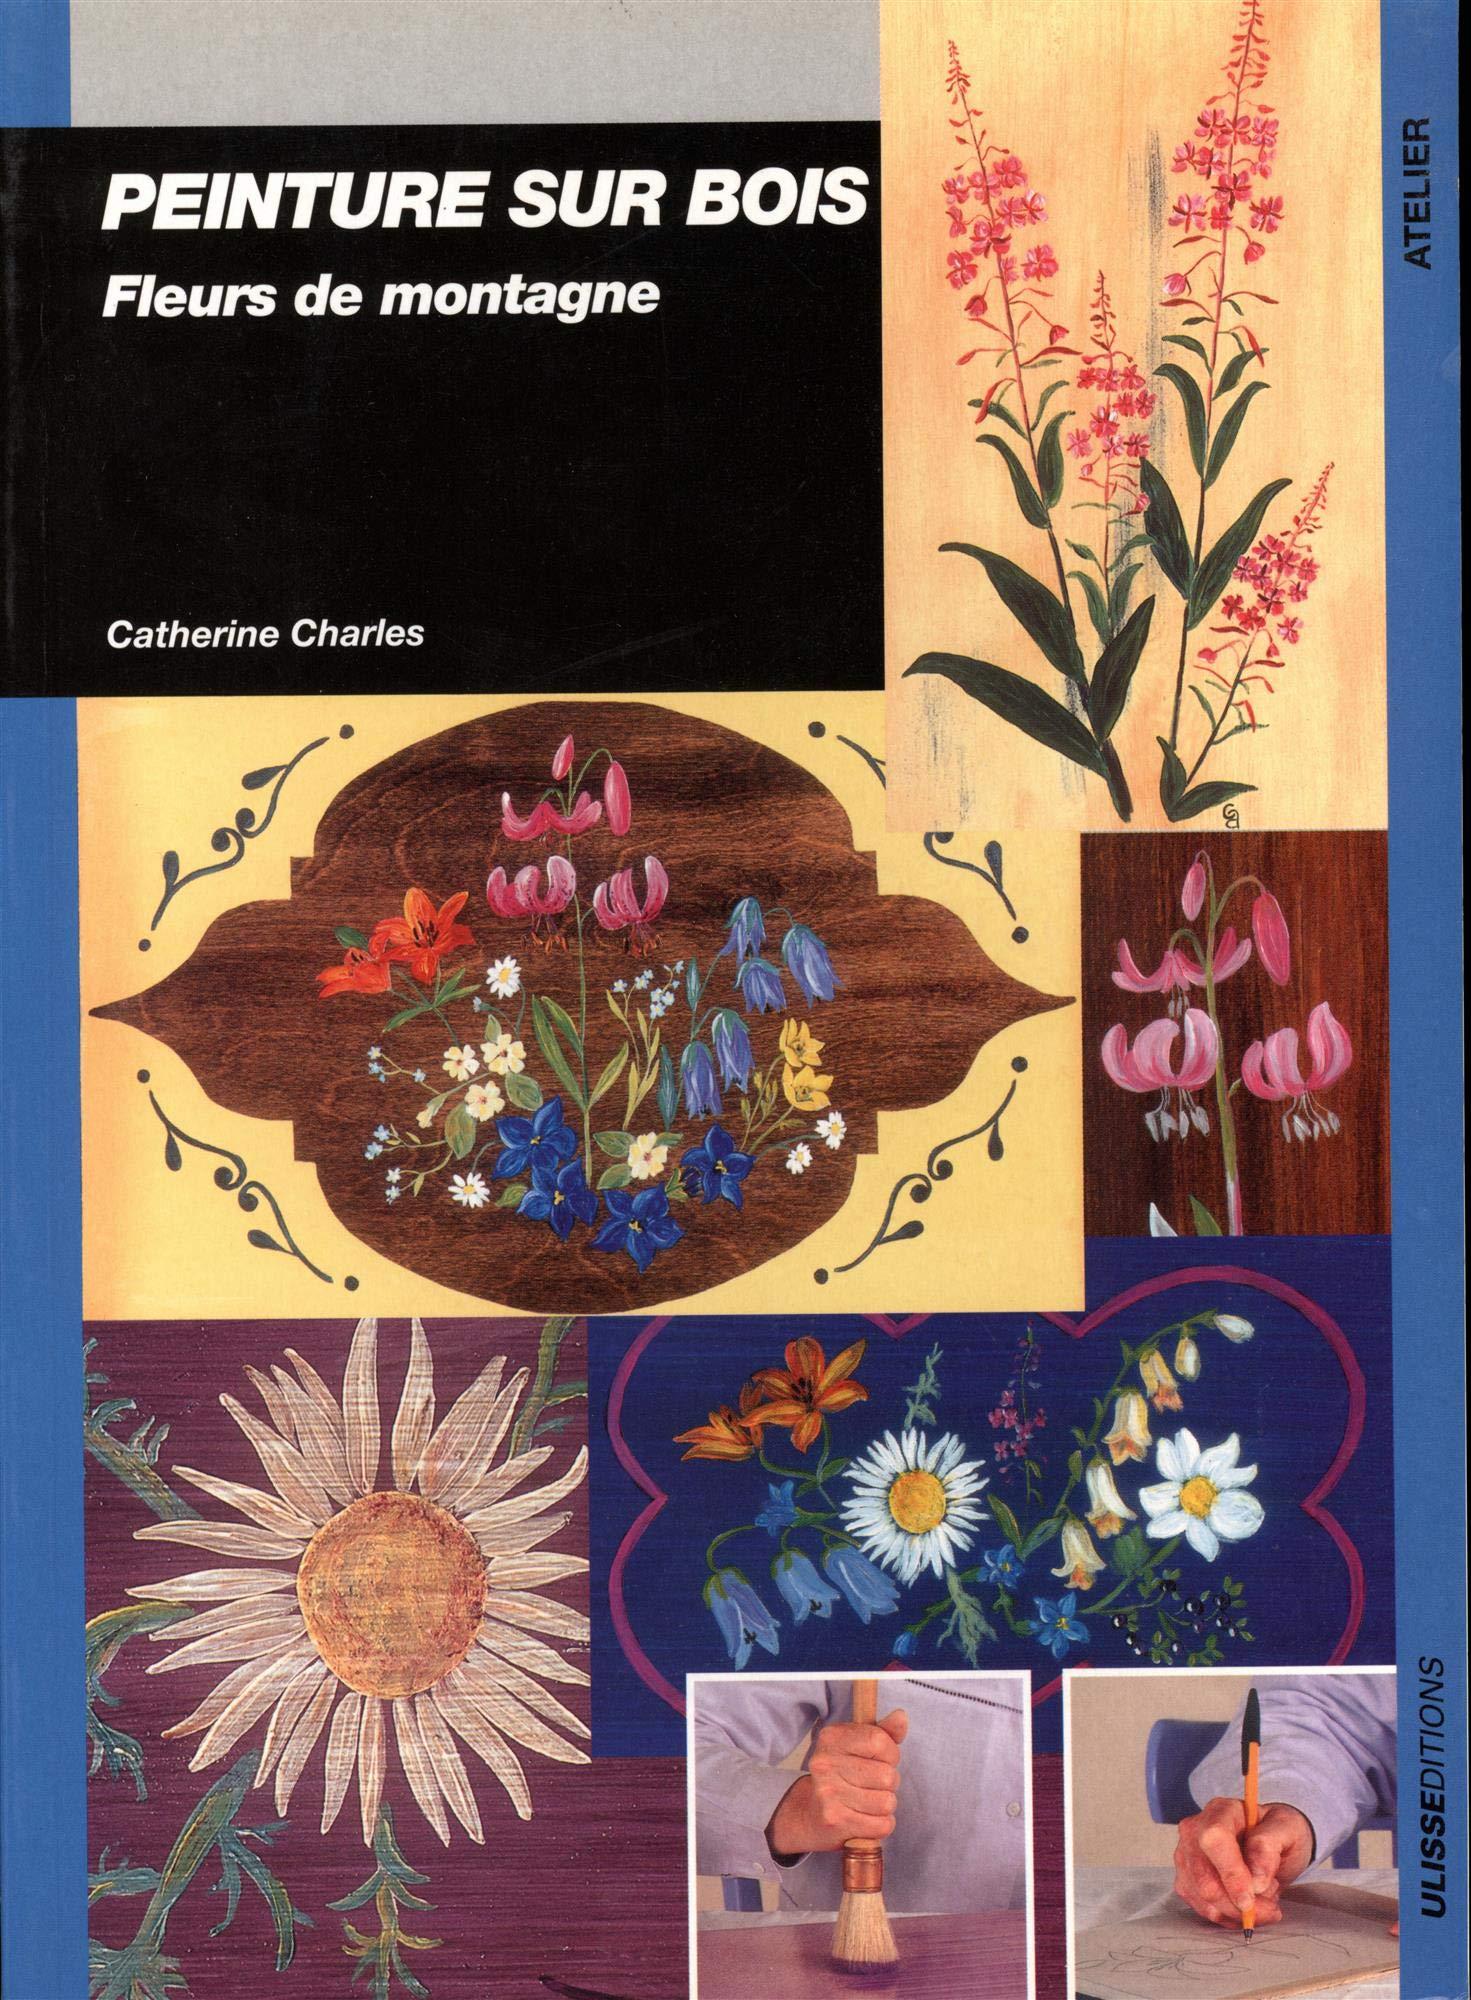 Amazon.fr , Peinture sur bois  Fleurs de montagne